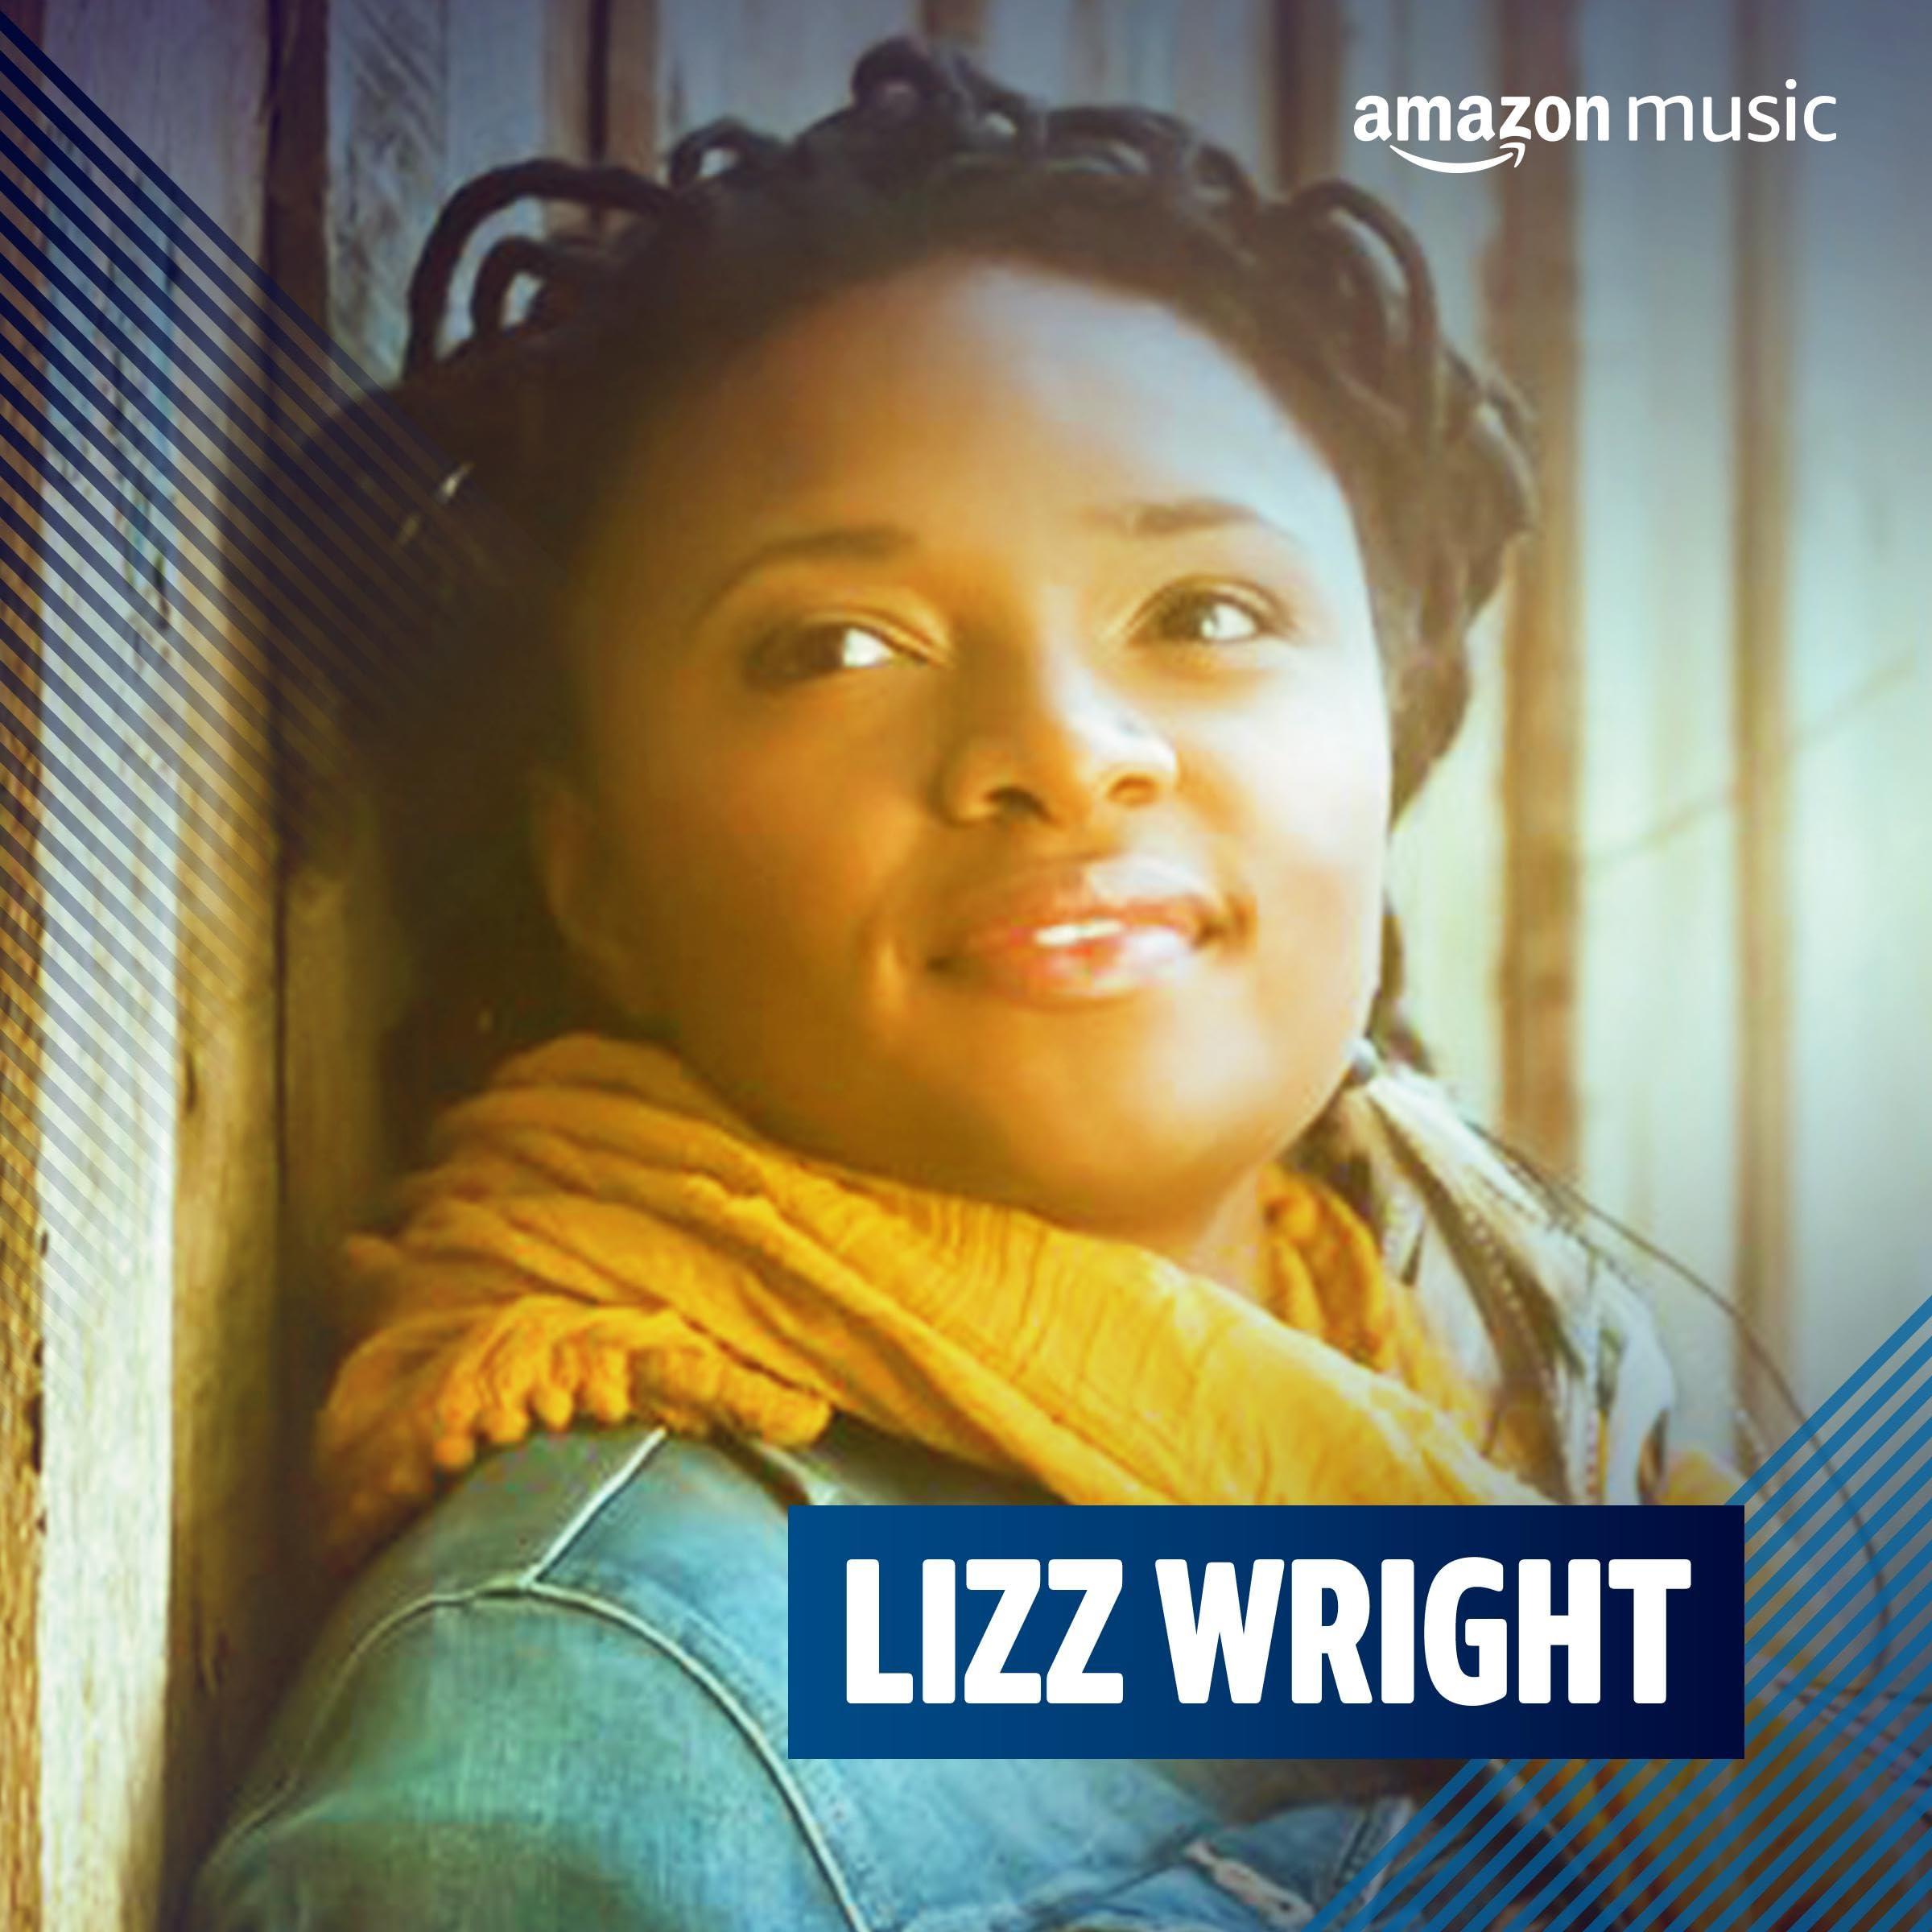 Lizz Wright